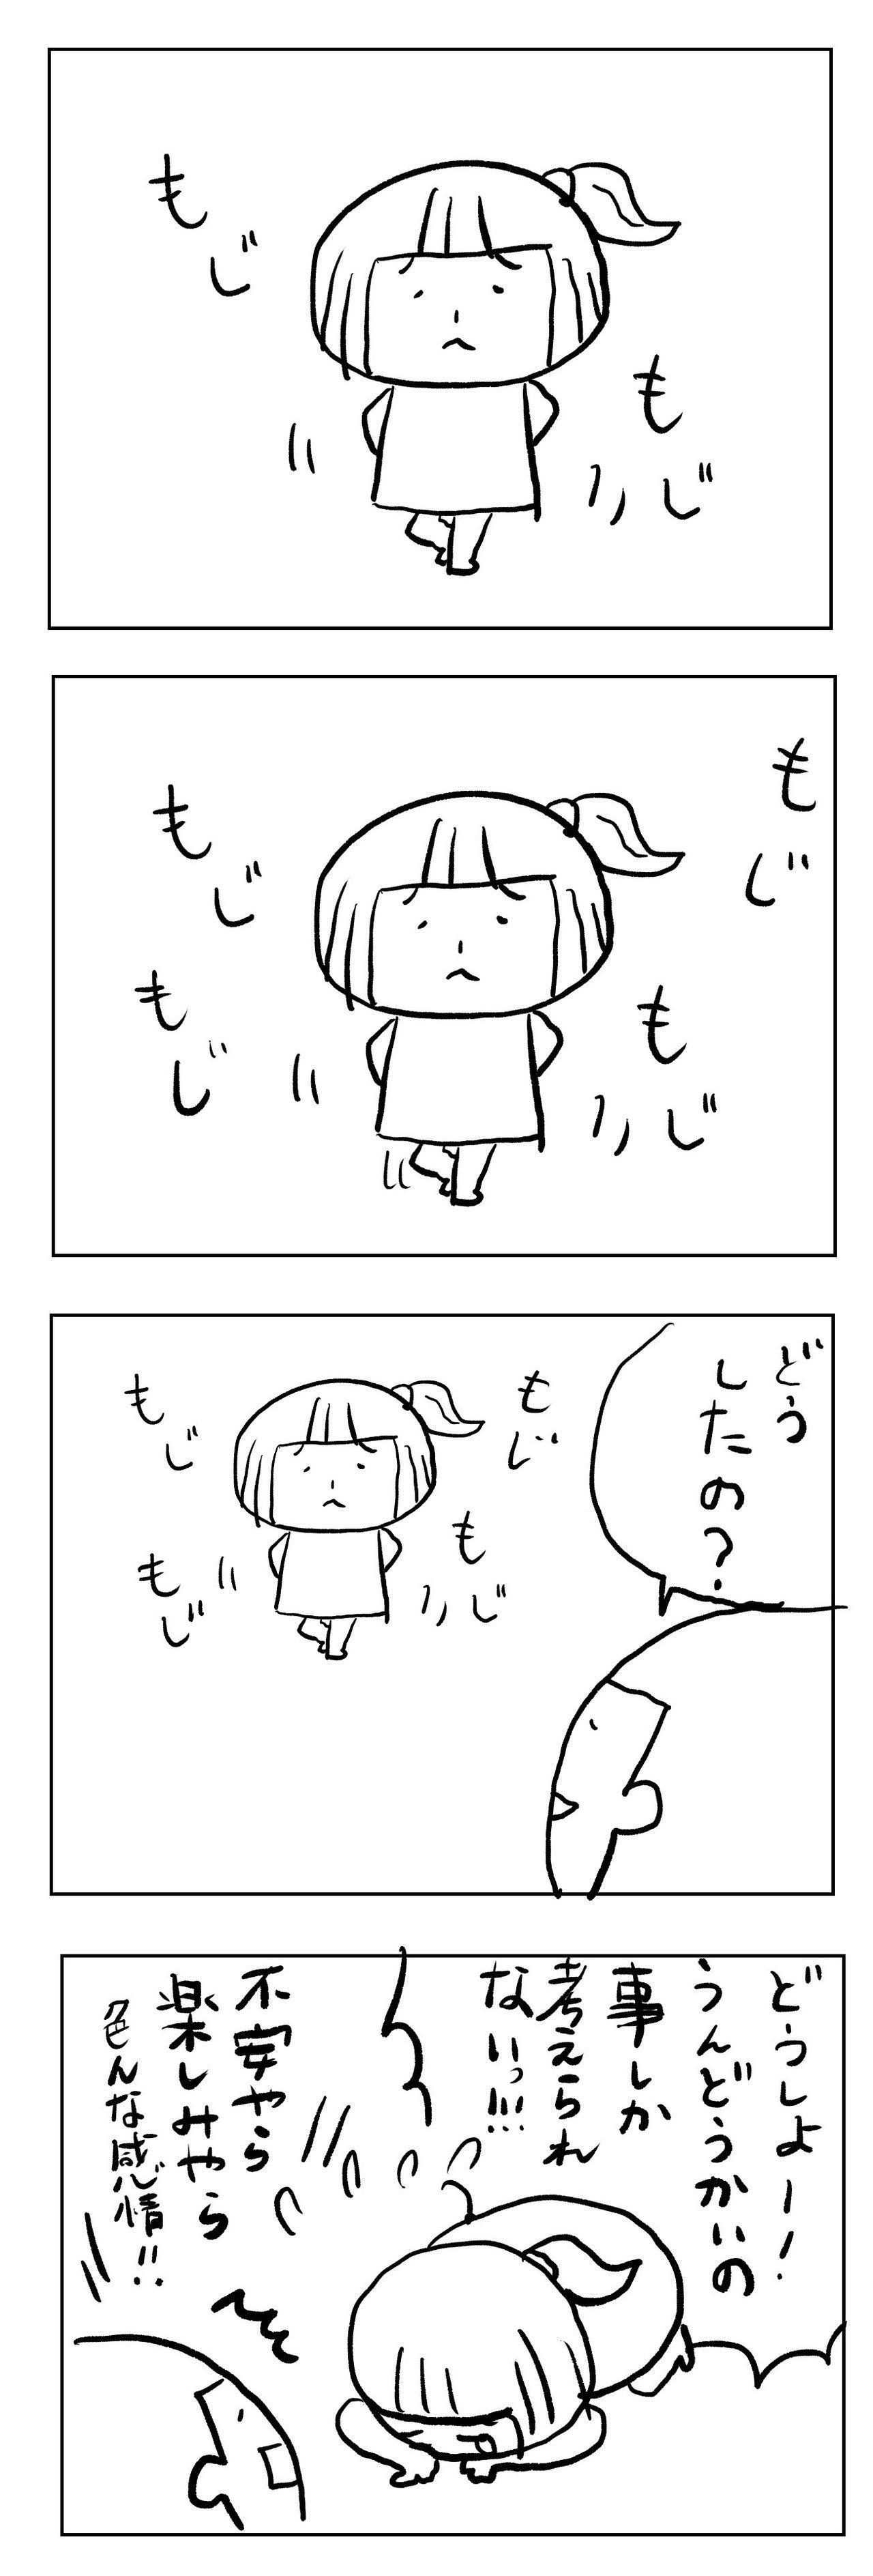 ファイル_2019-04-26_14_45_55